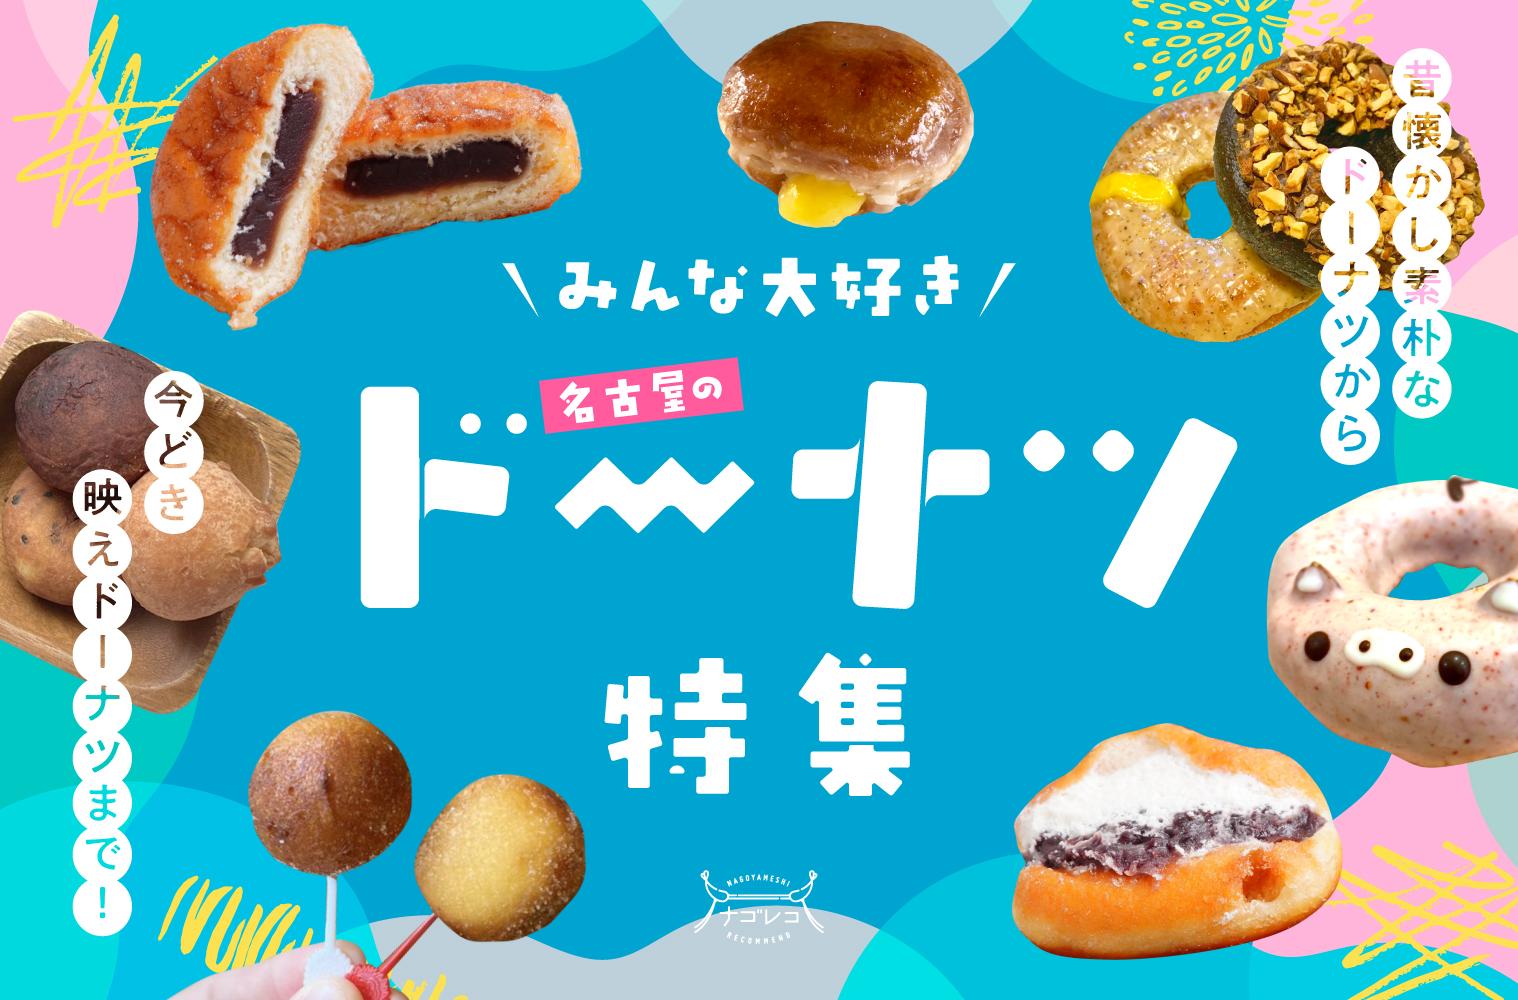 まとめ|昔懐かし素朴なドーナツから今どき映えドーナツまで!名古屋のドーナツ特集